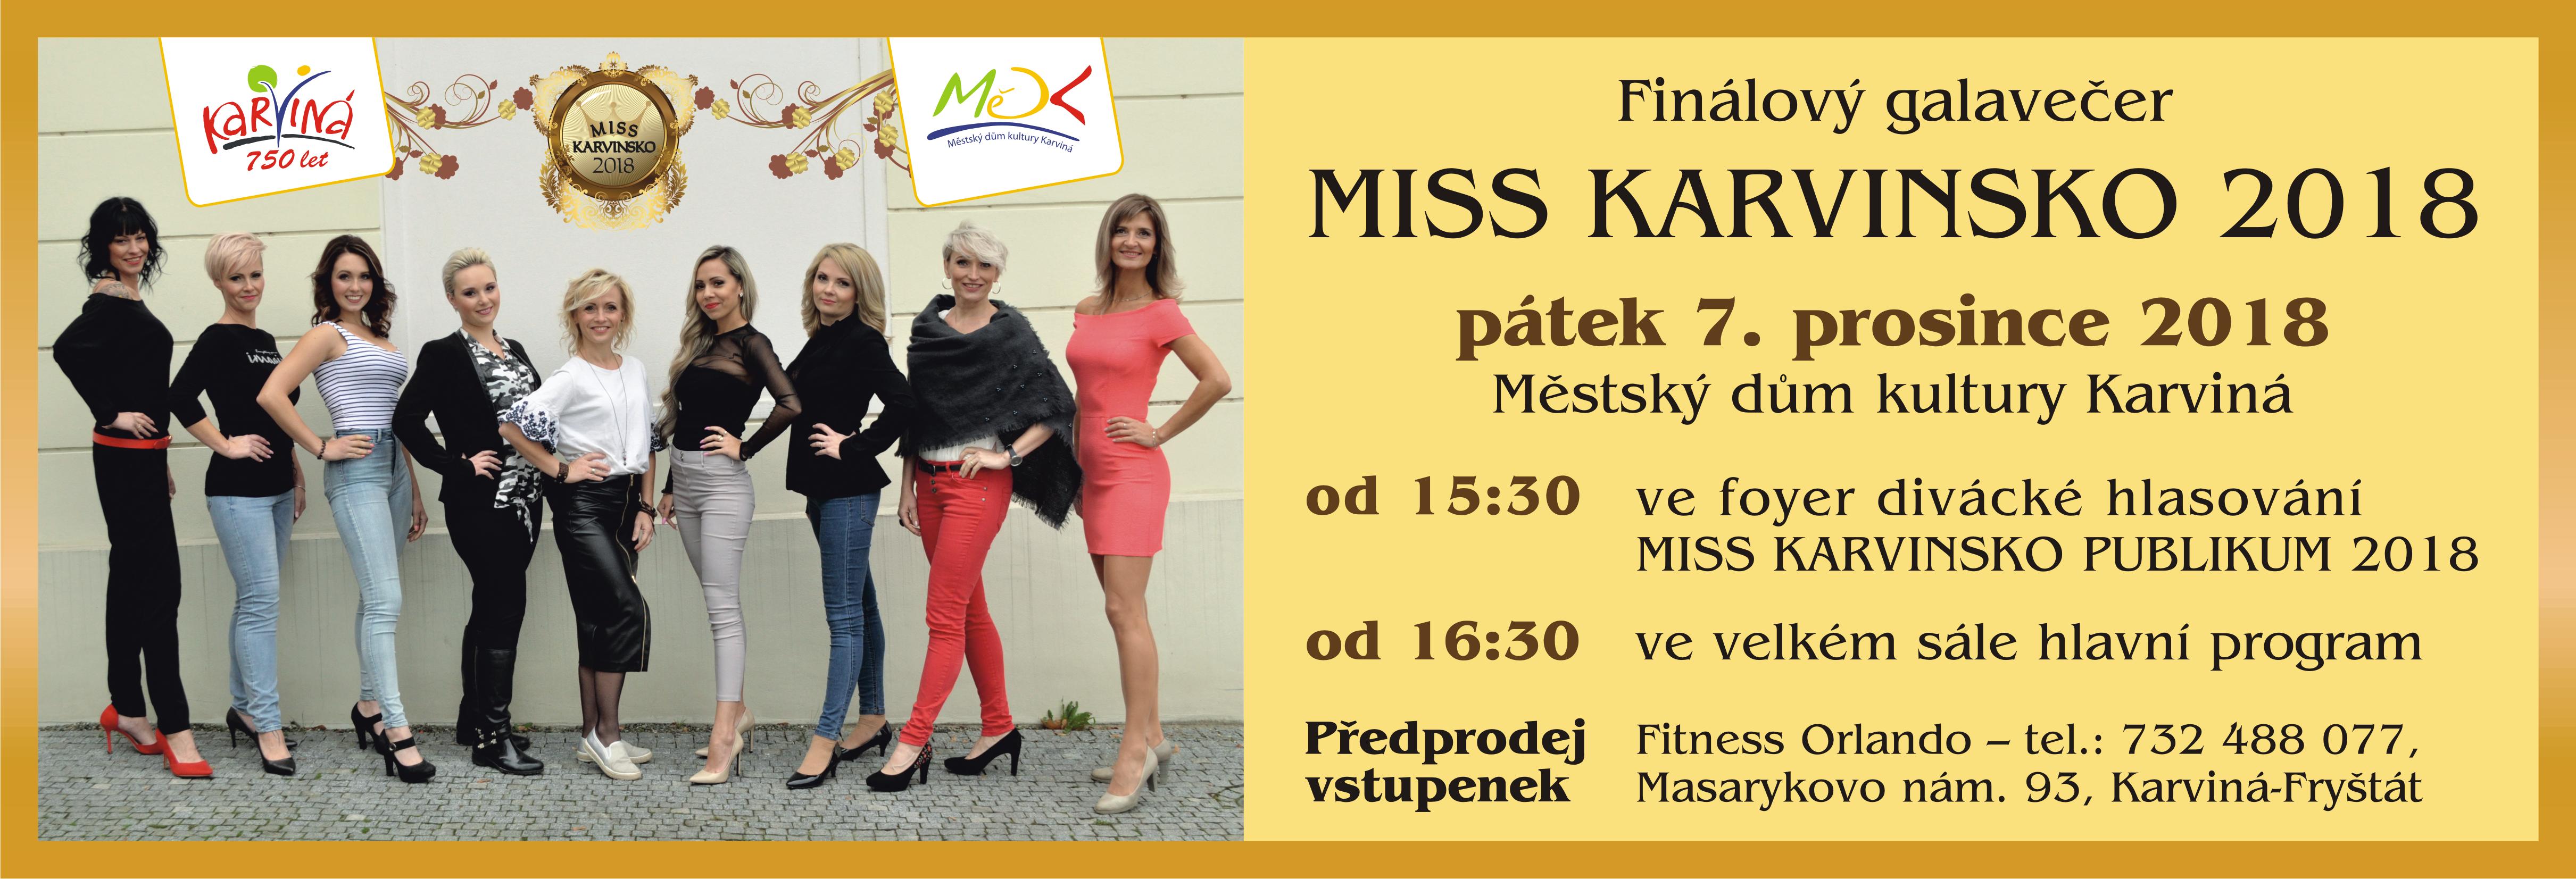 2887-inzerat-kz-miss-karvinsko-2018.png